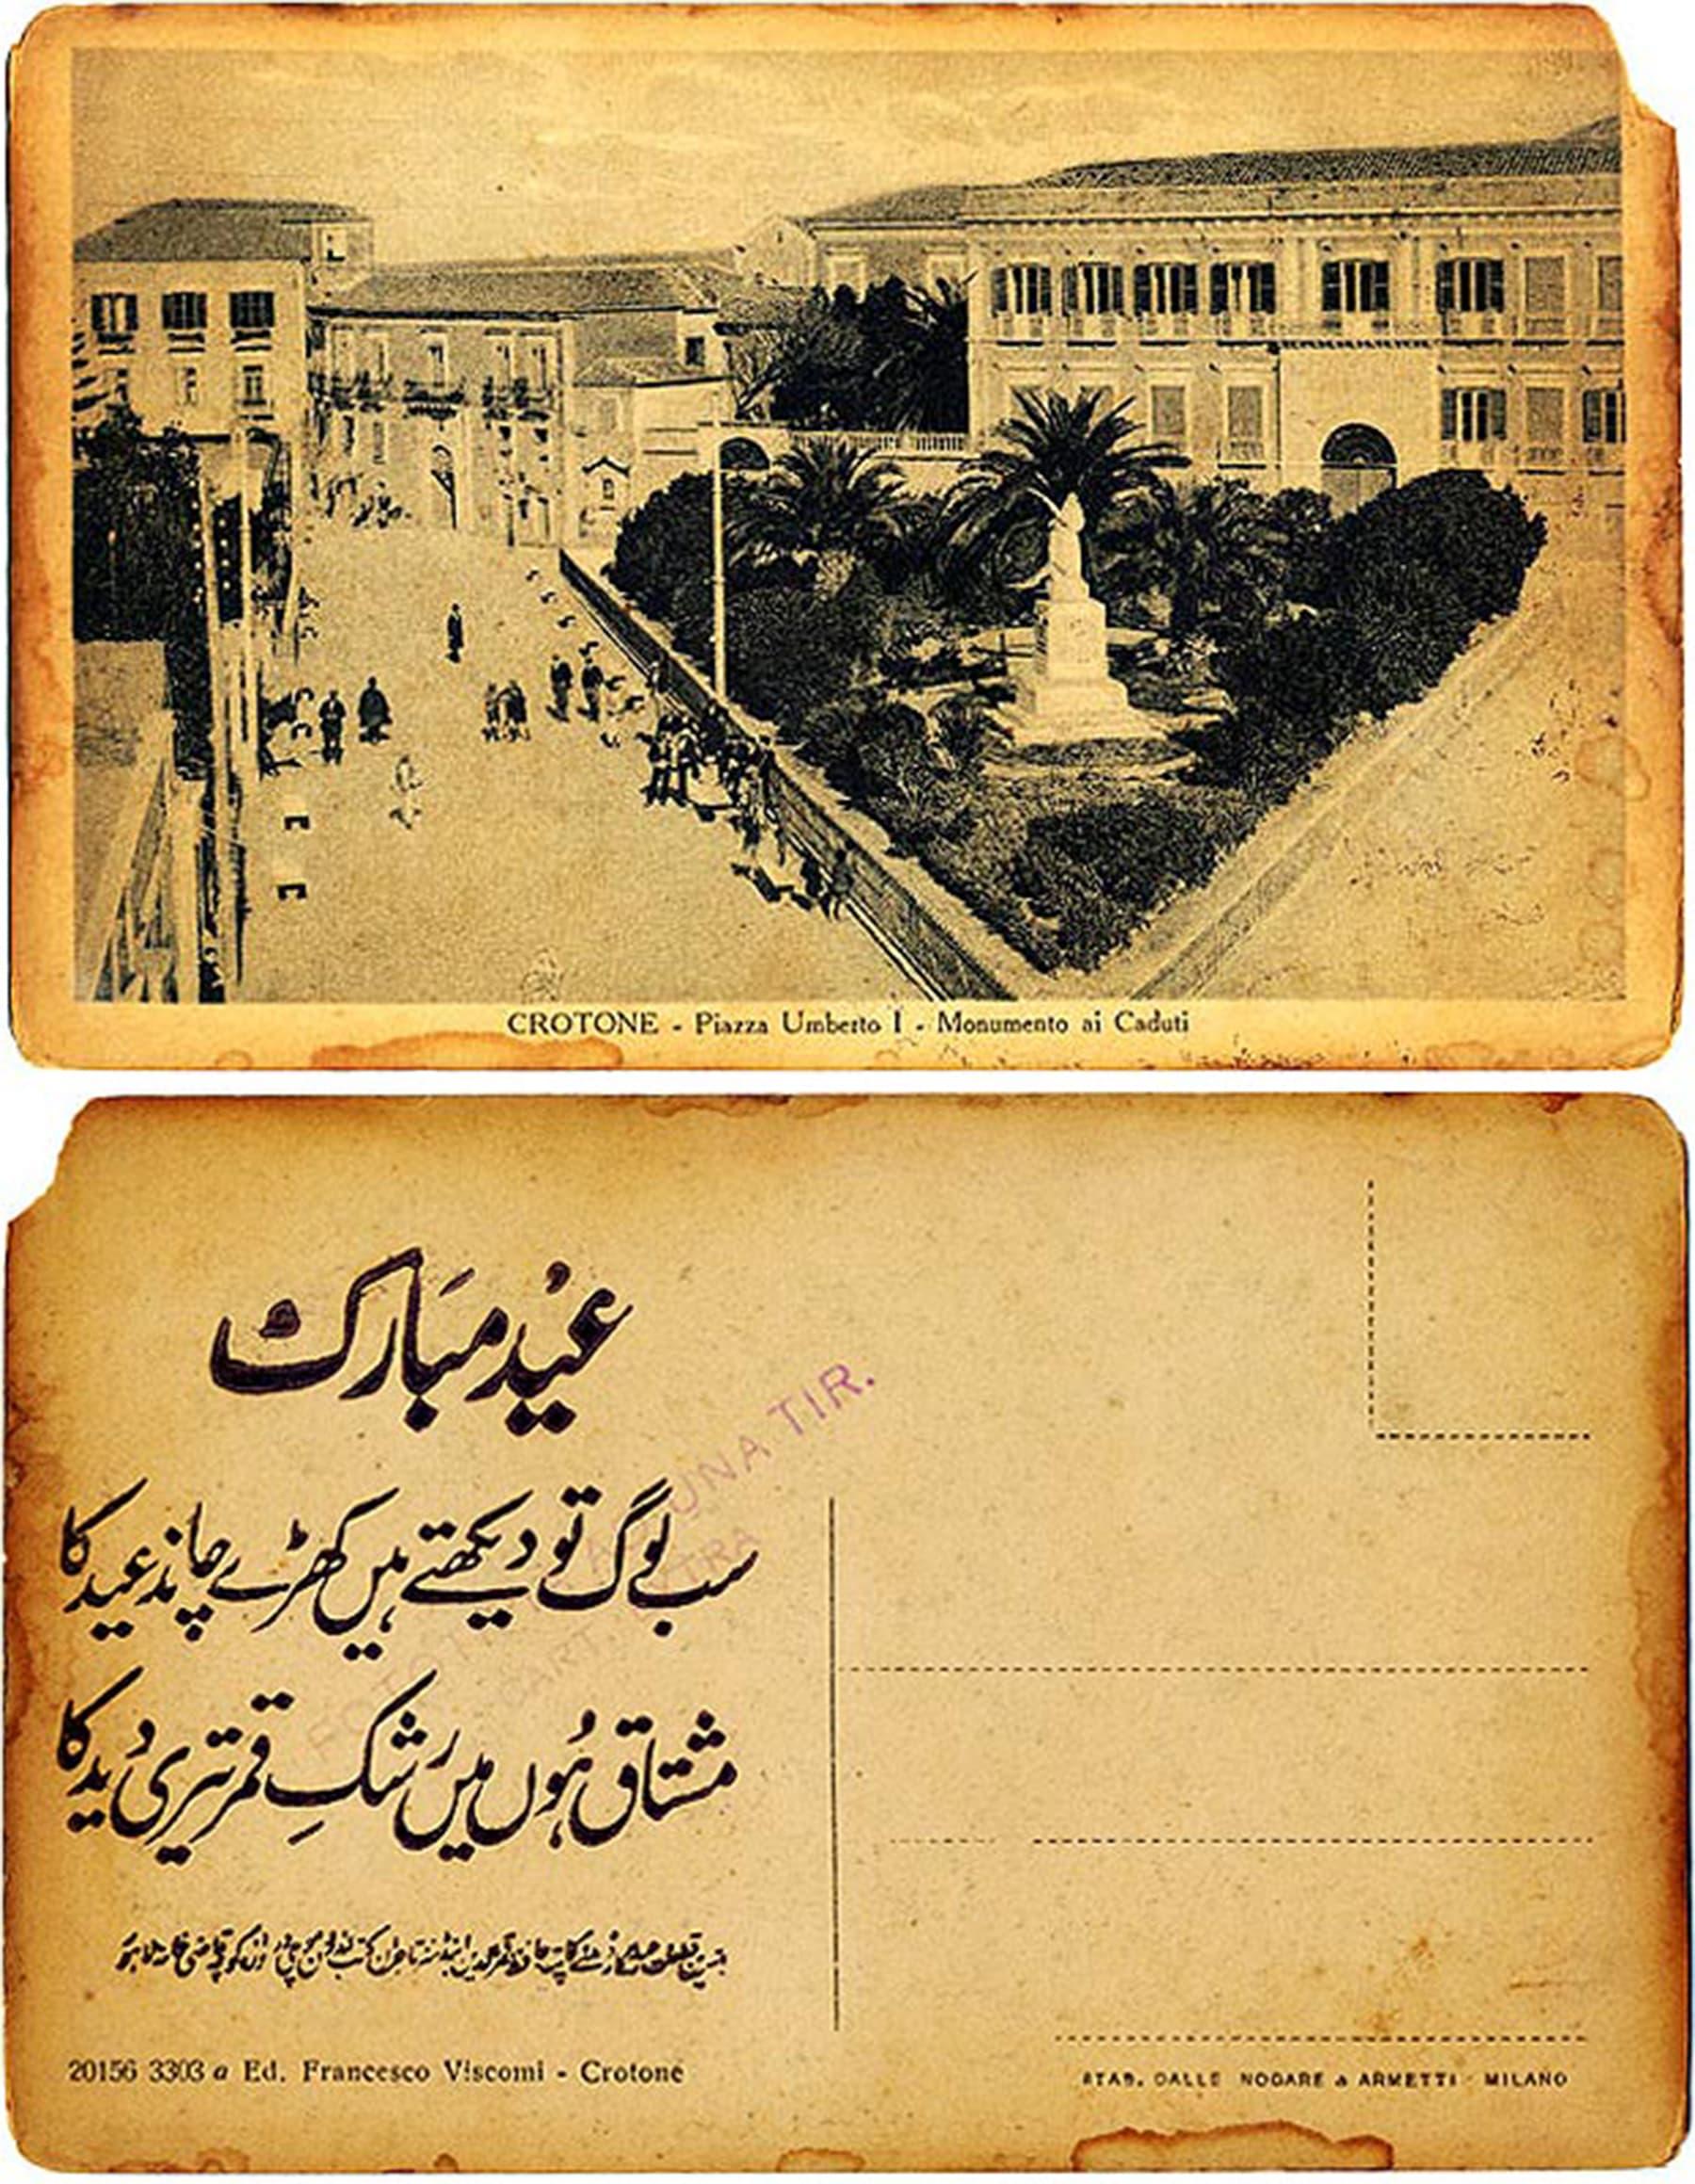 اٹلی میں شائع کیا گیا جنگِ عظیم اول کی یادگار کی تصویر والا کارڈ، جس پر عید مبارک اور اردو شاعری چھاپ کر حافظ قمرالدین اینڈ سنز، لاہور، نے تقسیم کیا۔